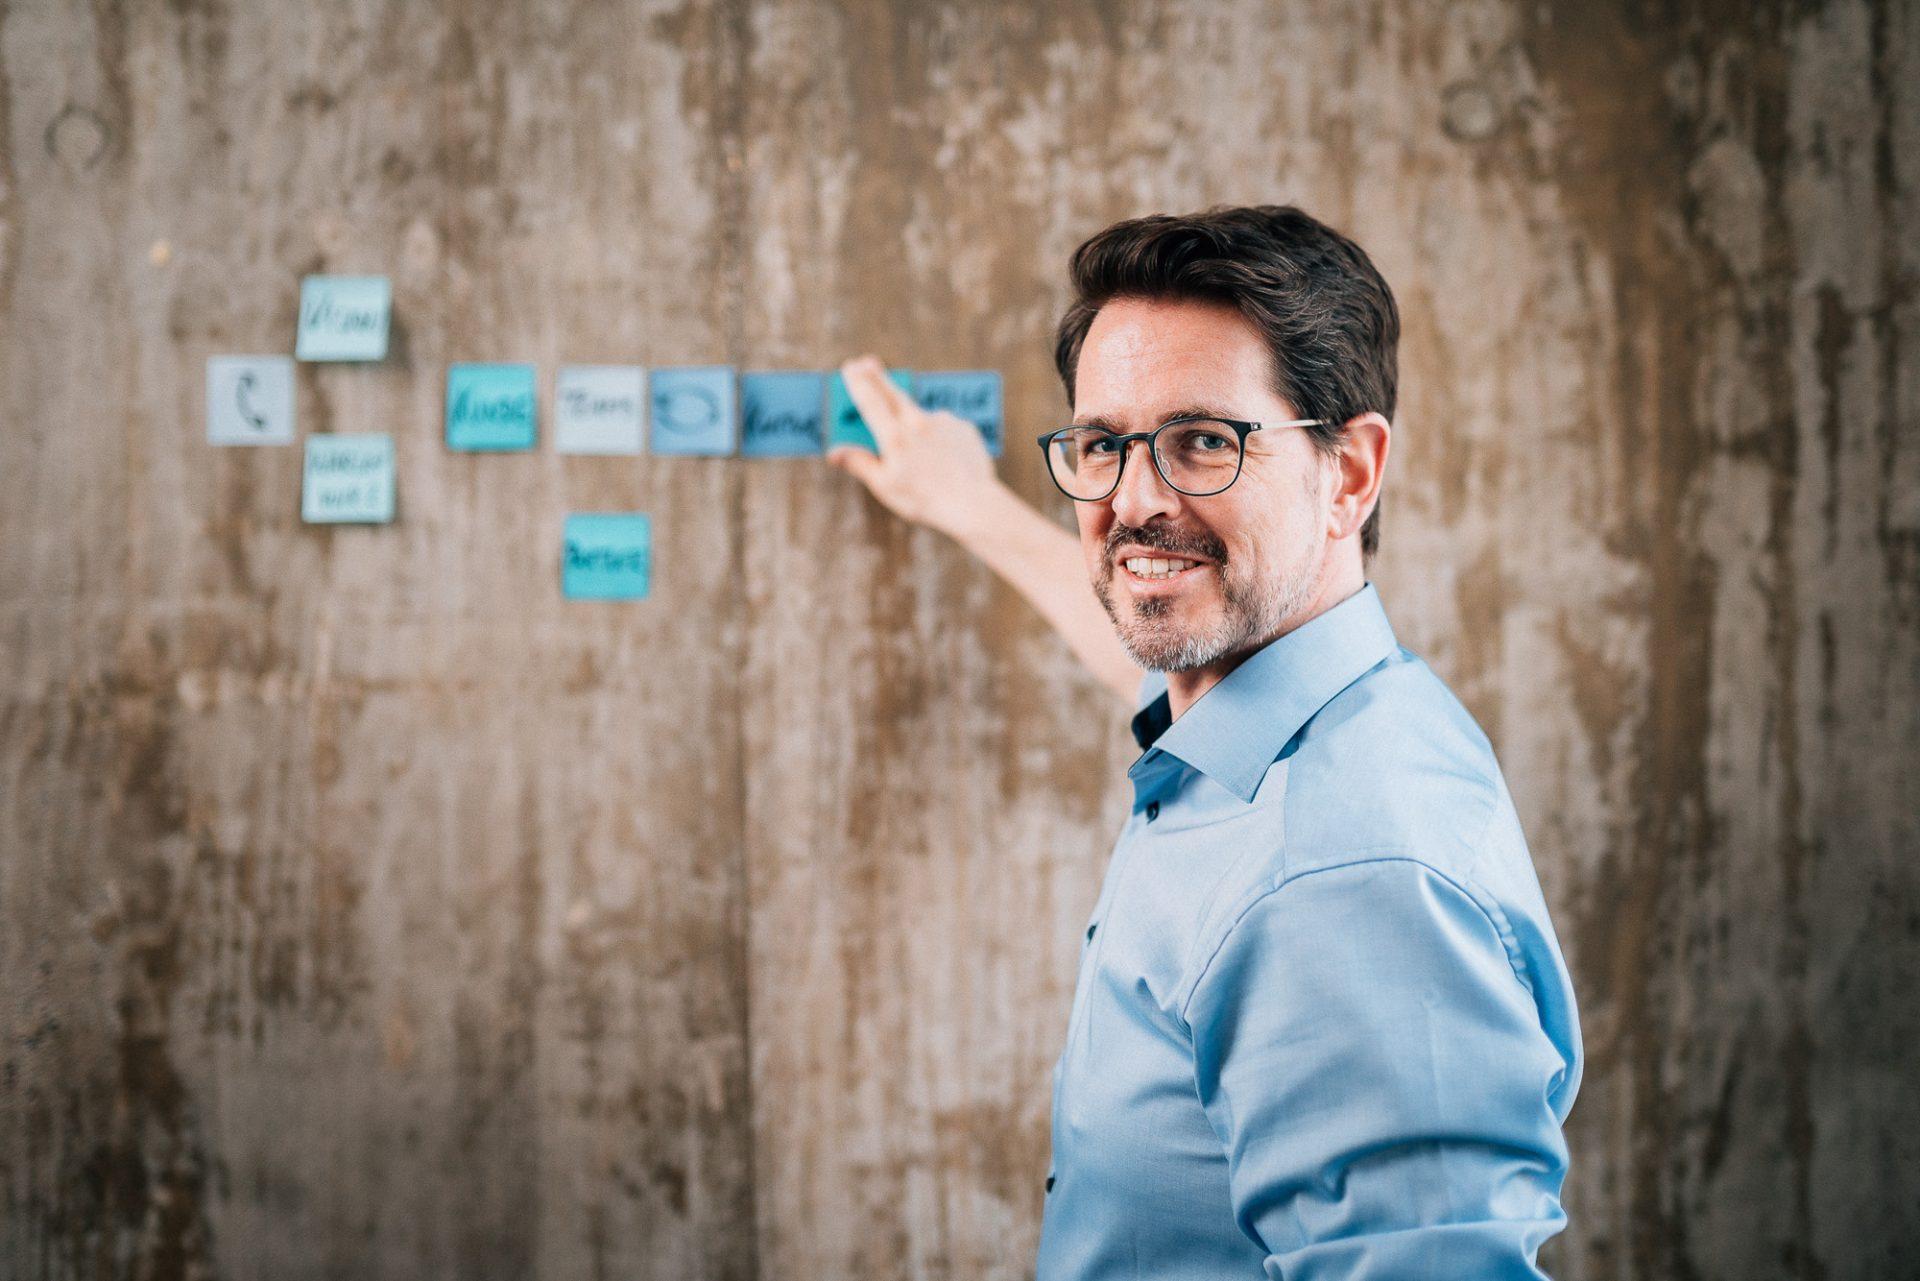 Business Fotograf für Portraits & Unternehmensfotografie ©Offenblende / Joshua JAH